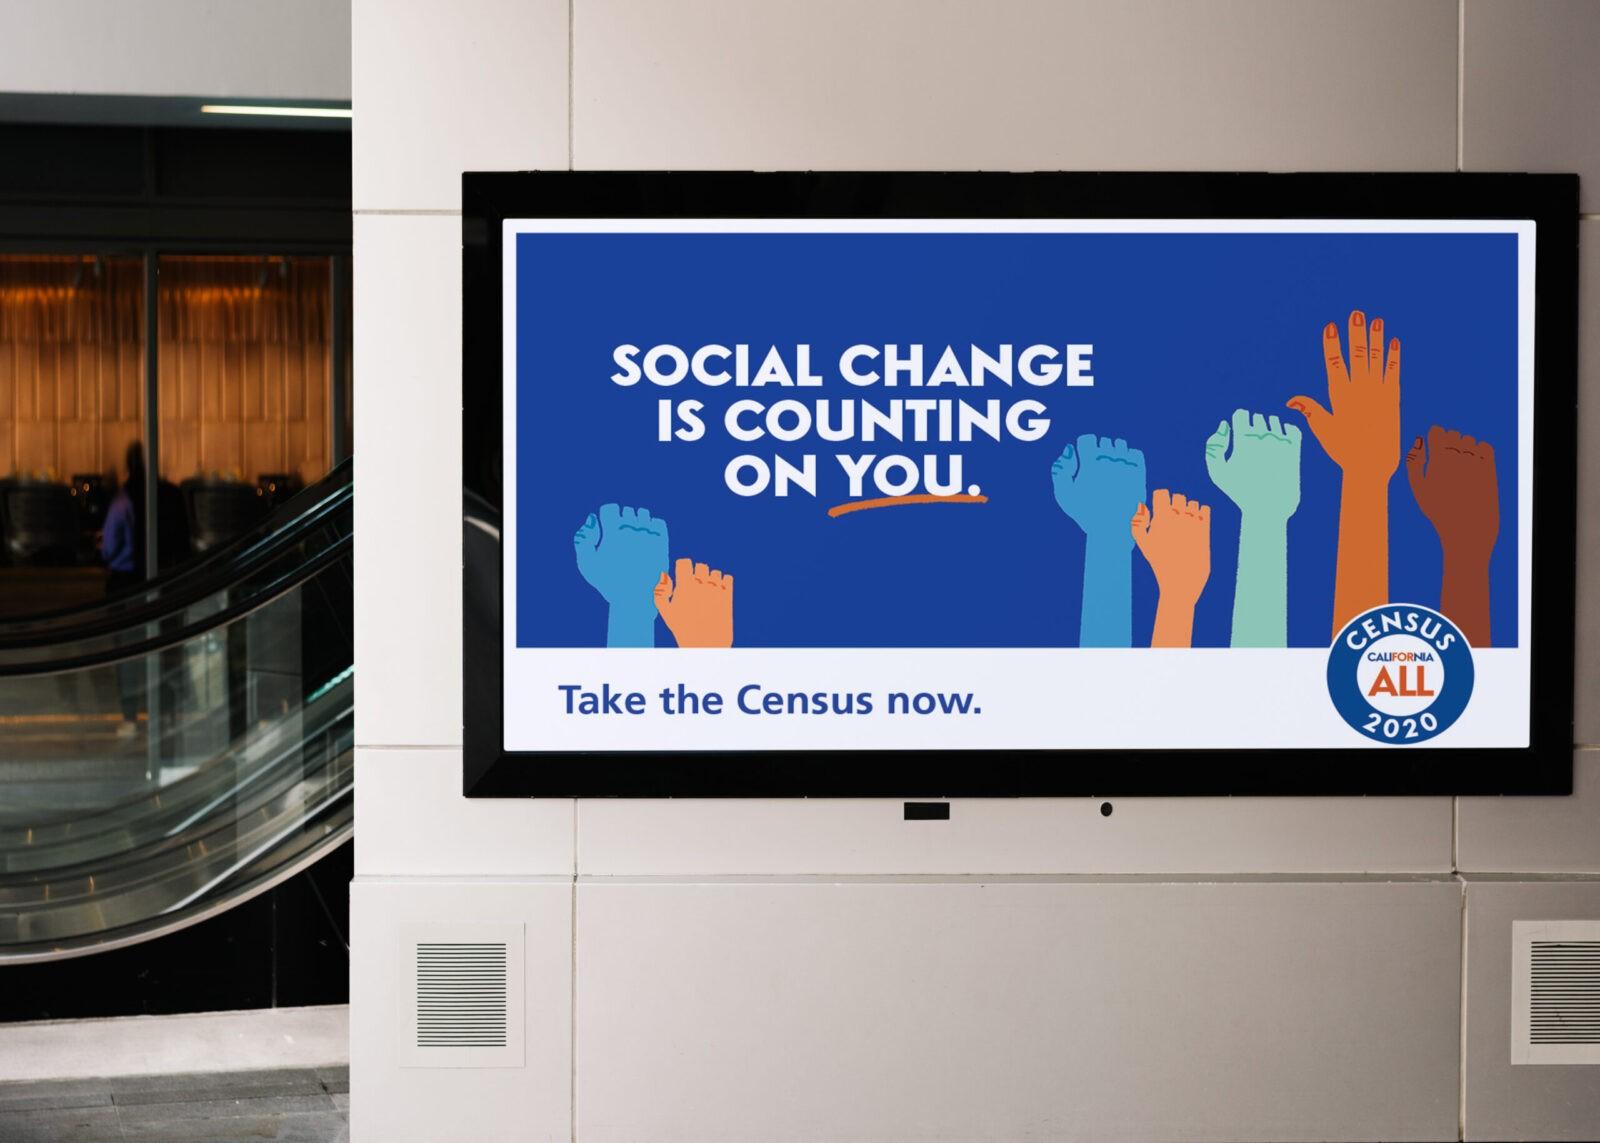 2020 Census Campaign